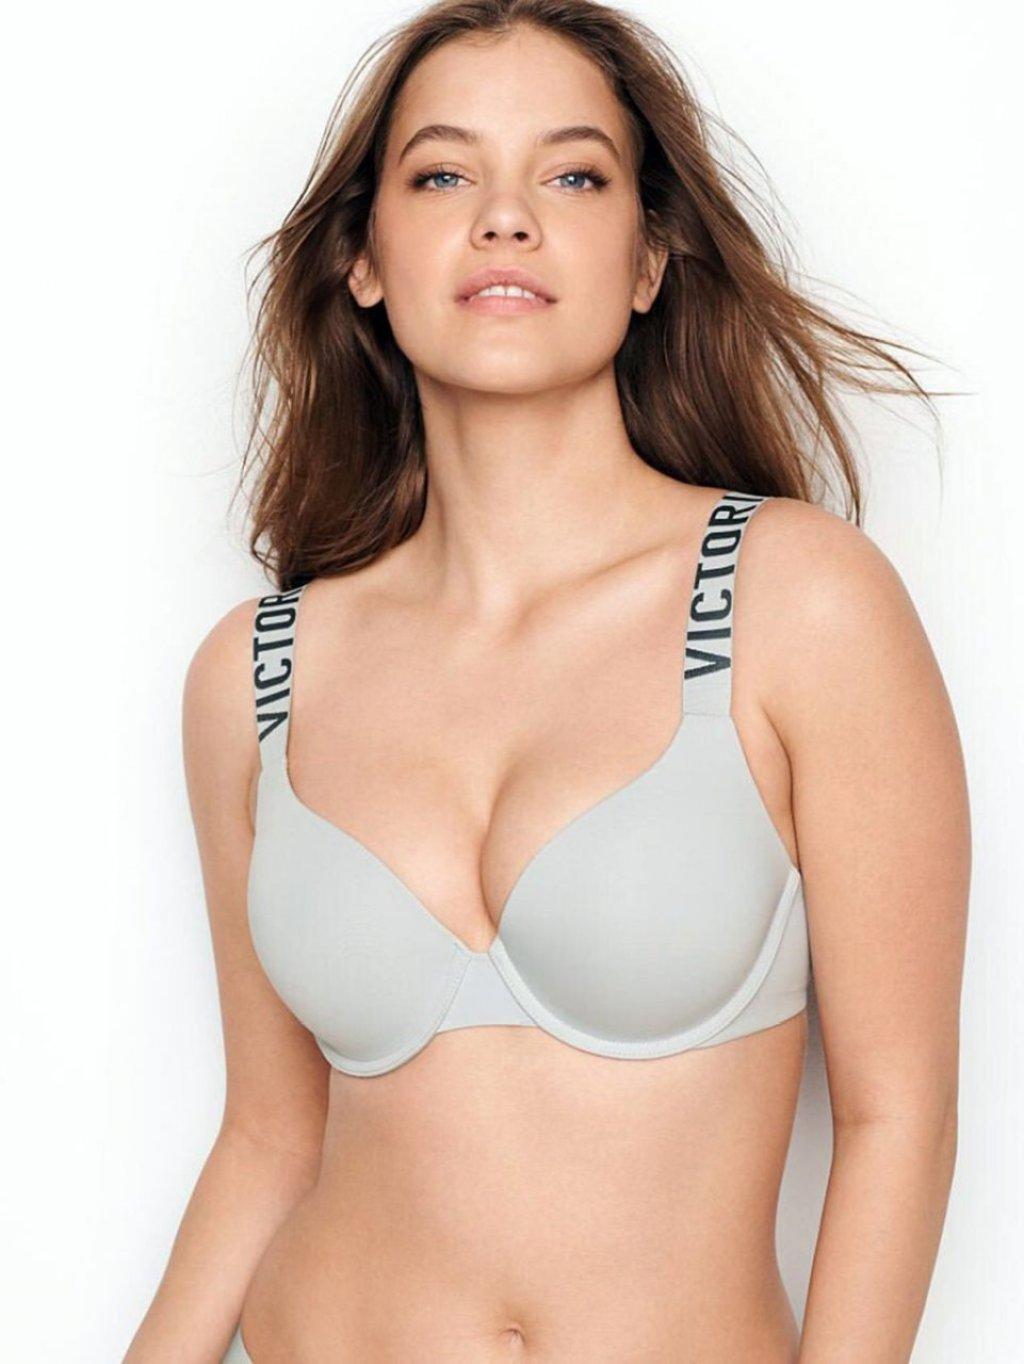 Barbara Palvin Sexy (43 Photos)